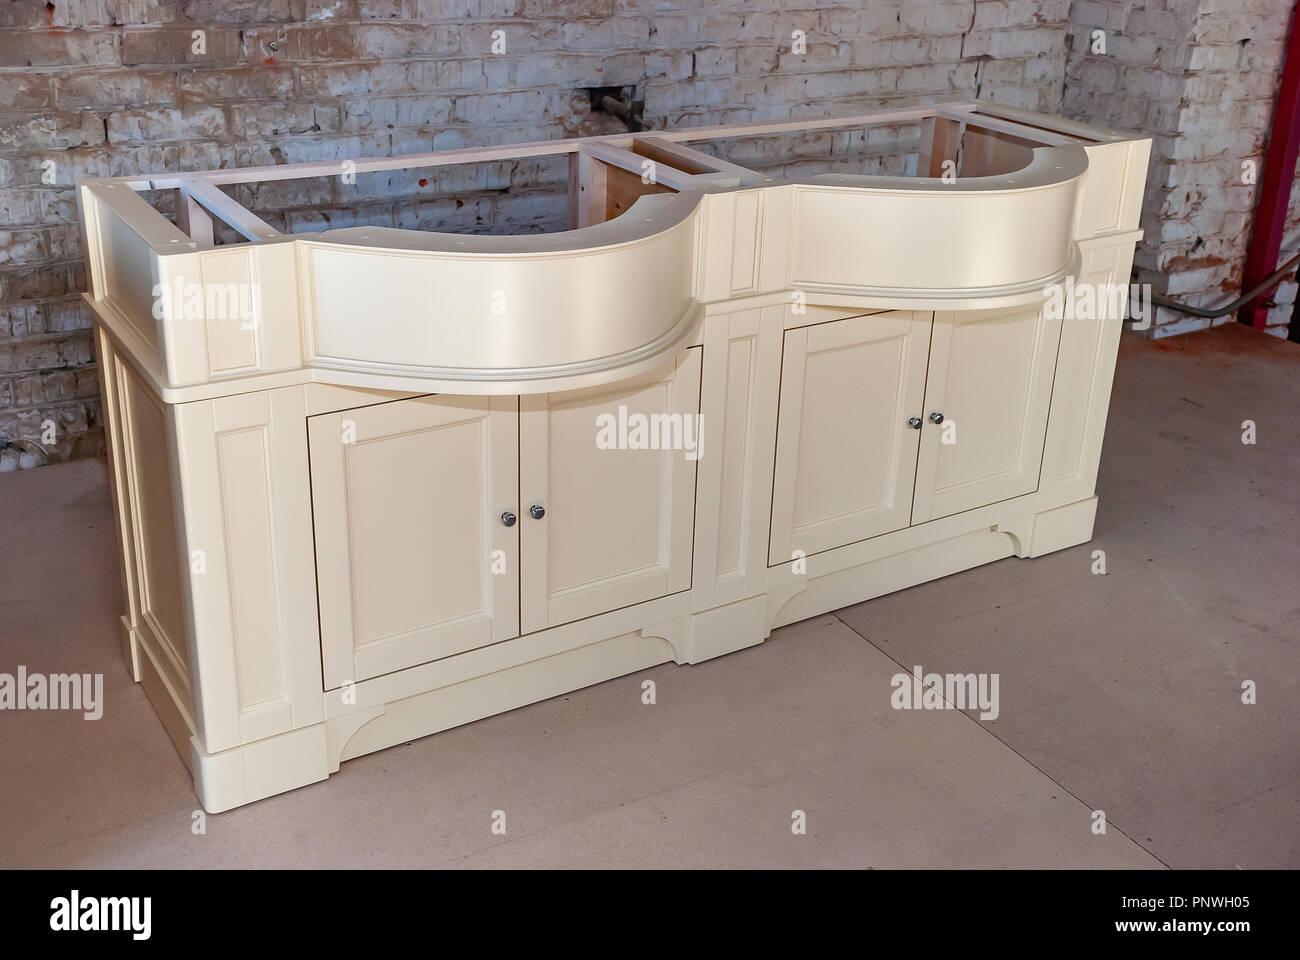 badezimmer waschtisch schrank fur zwei waschbecken klassische mobel